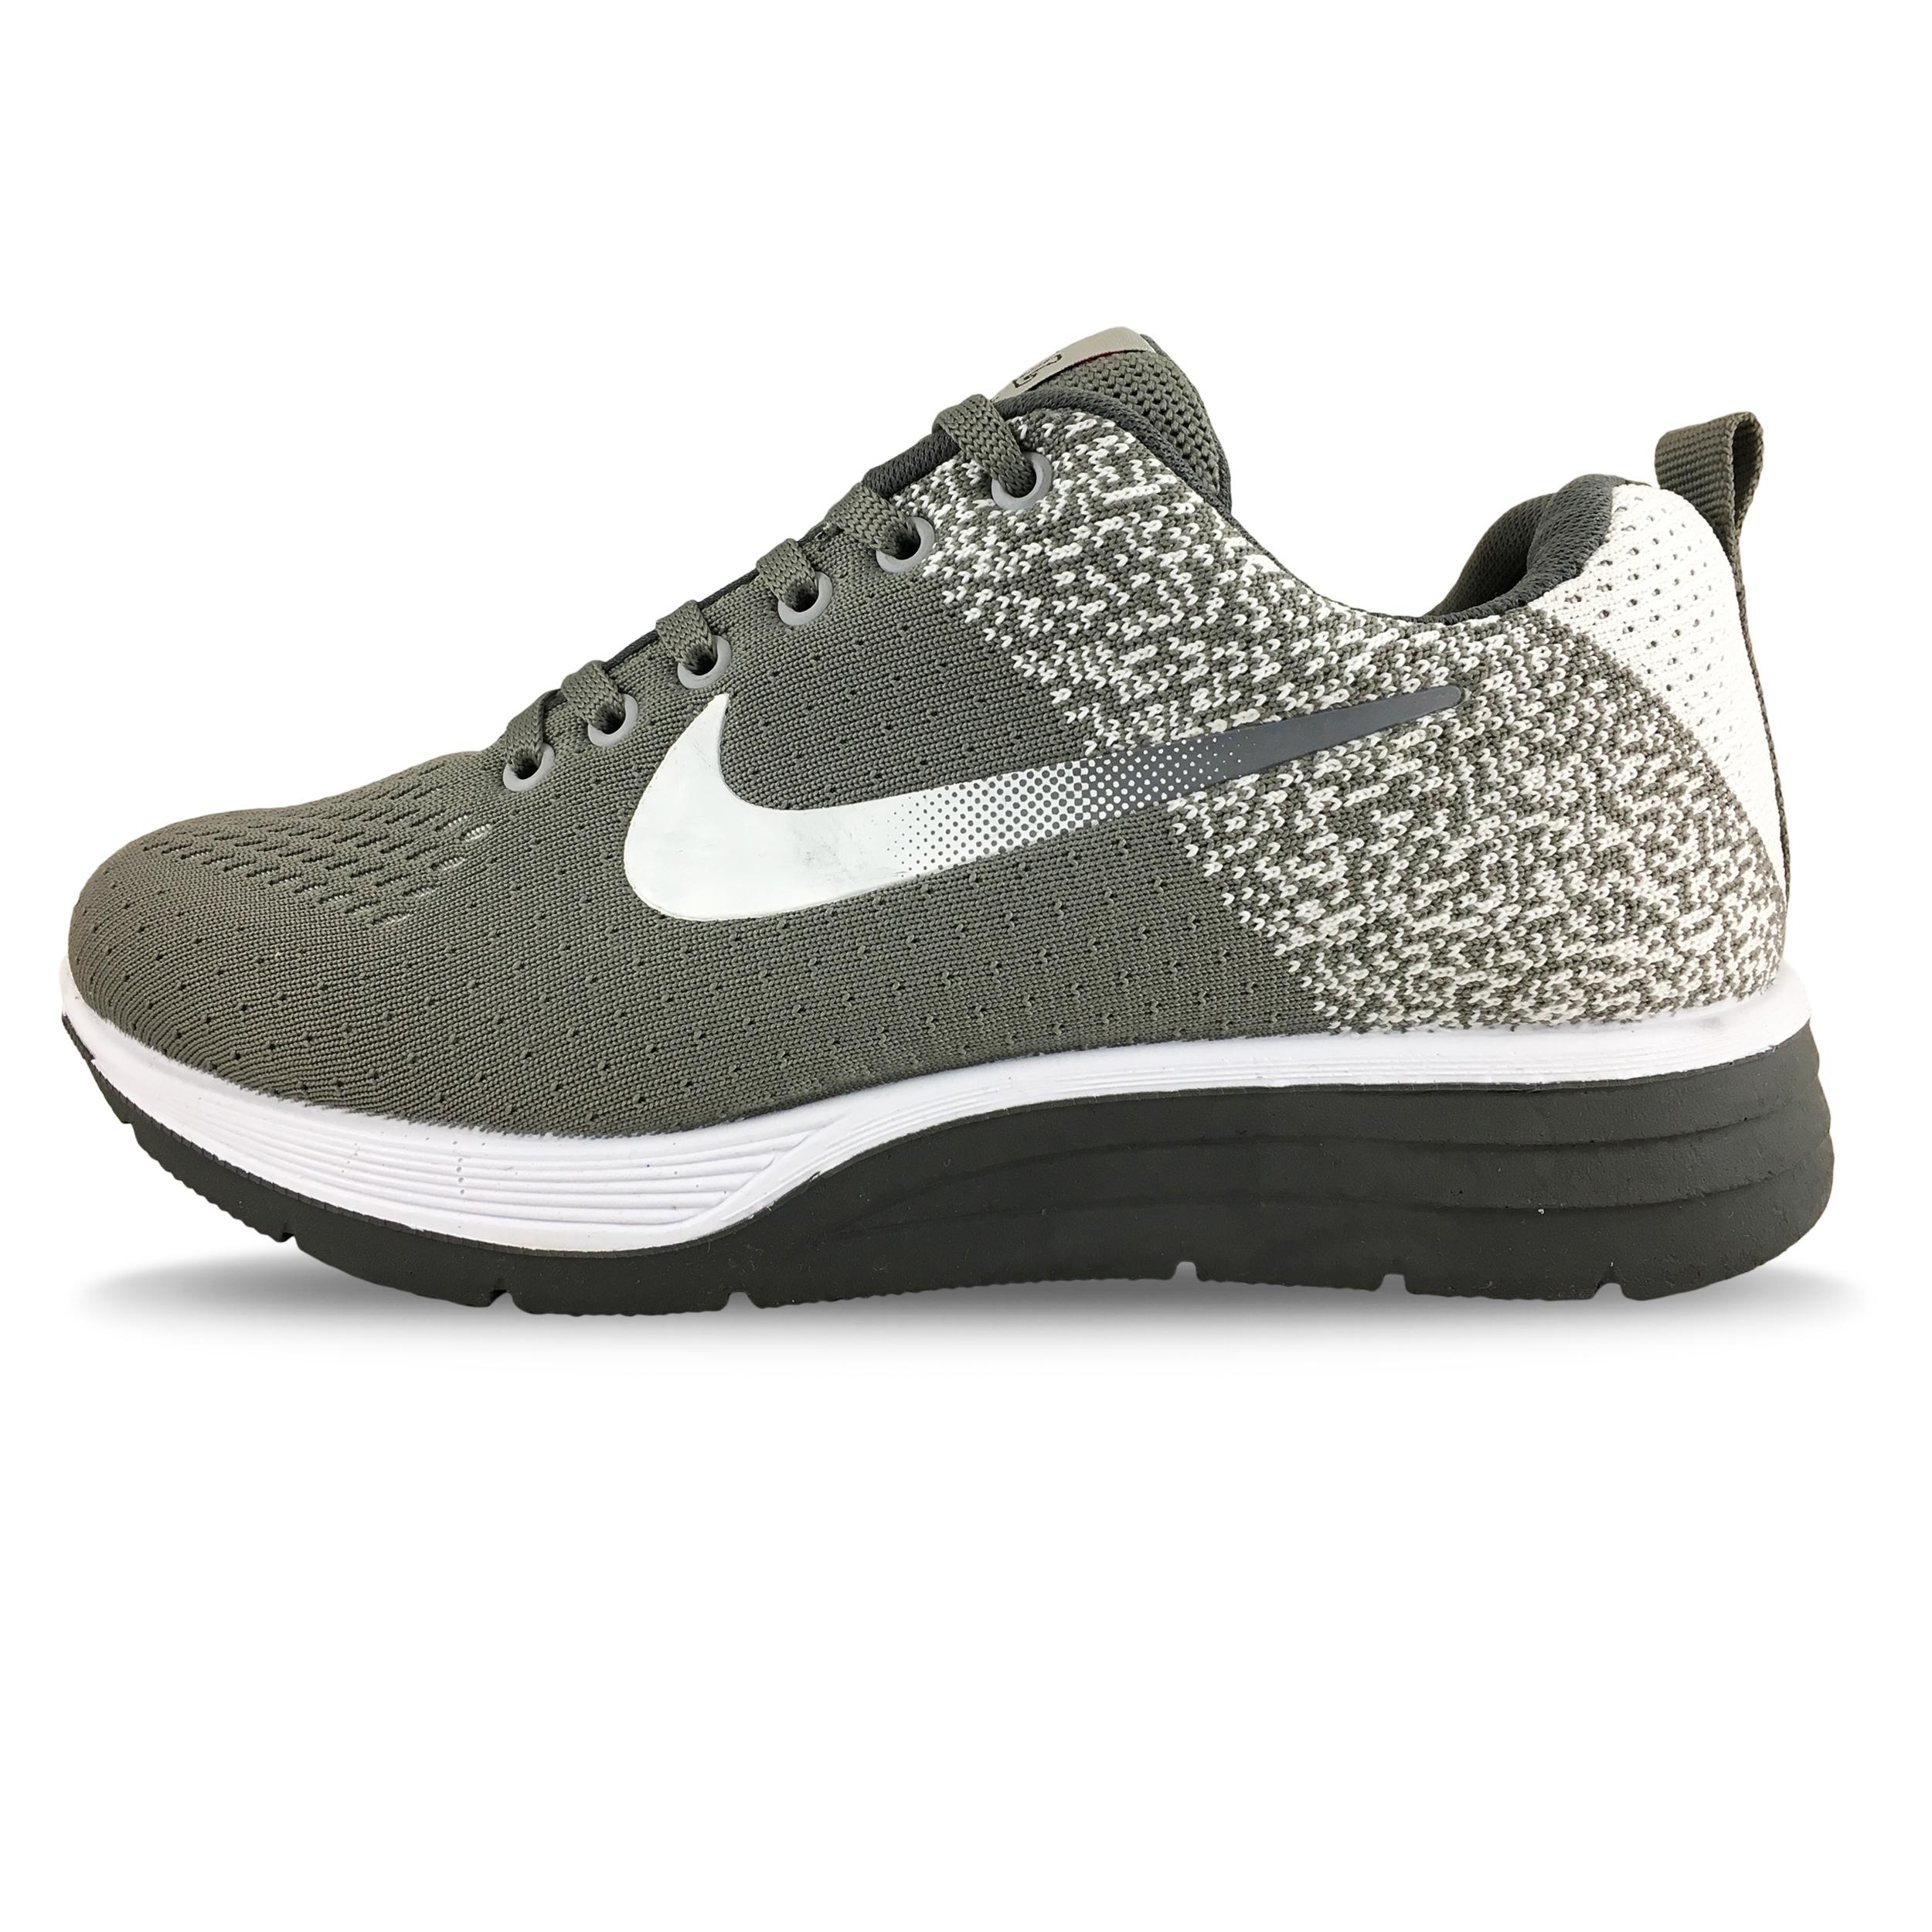 کفش مخصوص پیاده روی مردانه مدل ایده ال کد 4025